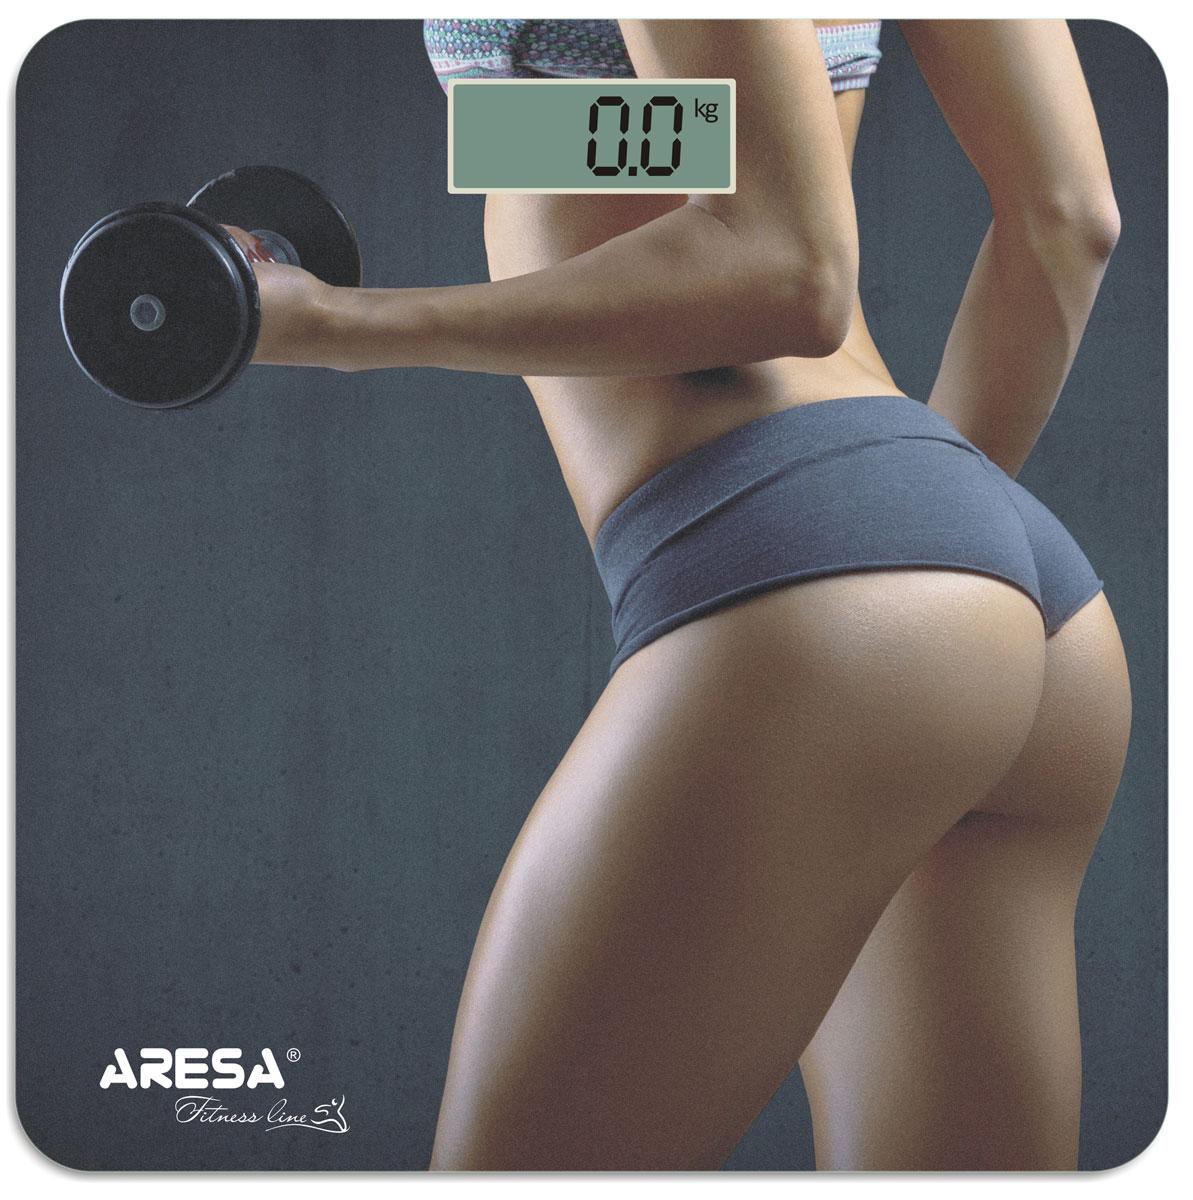 Aresa SB-311 напольные весыSB-311Напольные электронные весы Aresa SB-311 с электронной системой взвешивания на четырех тензоэлектрических датчиках - неотъемлемый атрибут здорового образа жизни. Они необходимы тем, кто следит за своим здоровьем, весом, ведет активный образ жизни, занимается спортом и фитнесом. Очень удобны для будущих мам, постоянно контролирующих прибавку в весе, также рекомендуются родителям, внимательно следящим за весом своих детей. Минимальная нагрузка: 2,5 кг